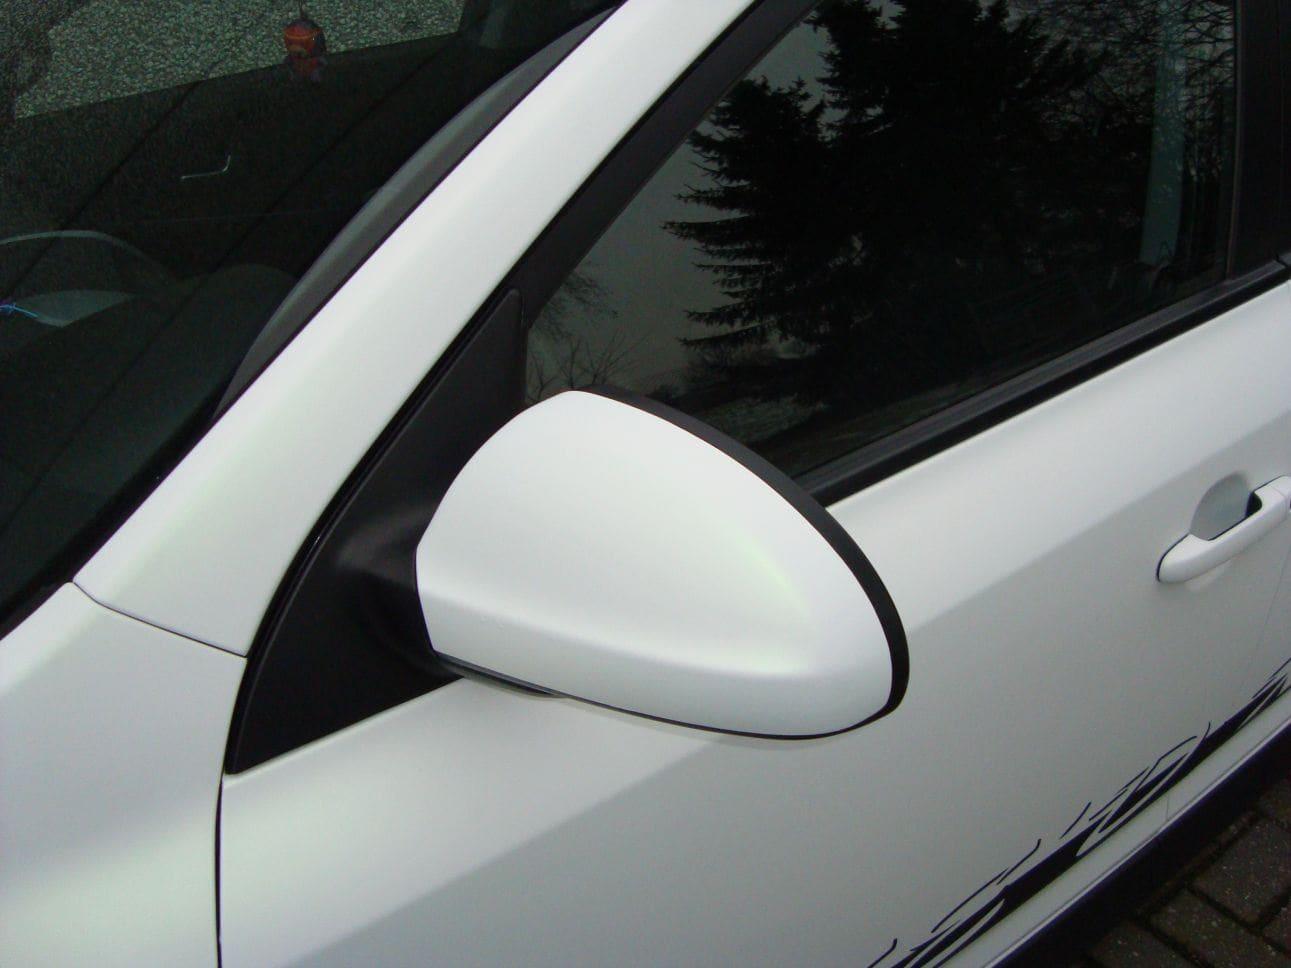 Kia Cee'd XR met Carbon en Witte Wrap, Carwrapping door Wrapmyride.nu Foto-nr:5950, ©2018